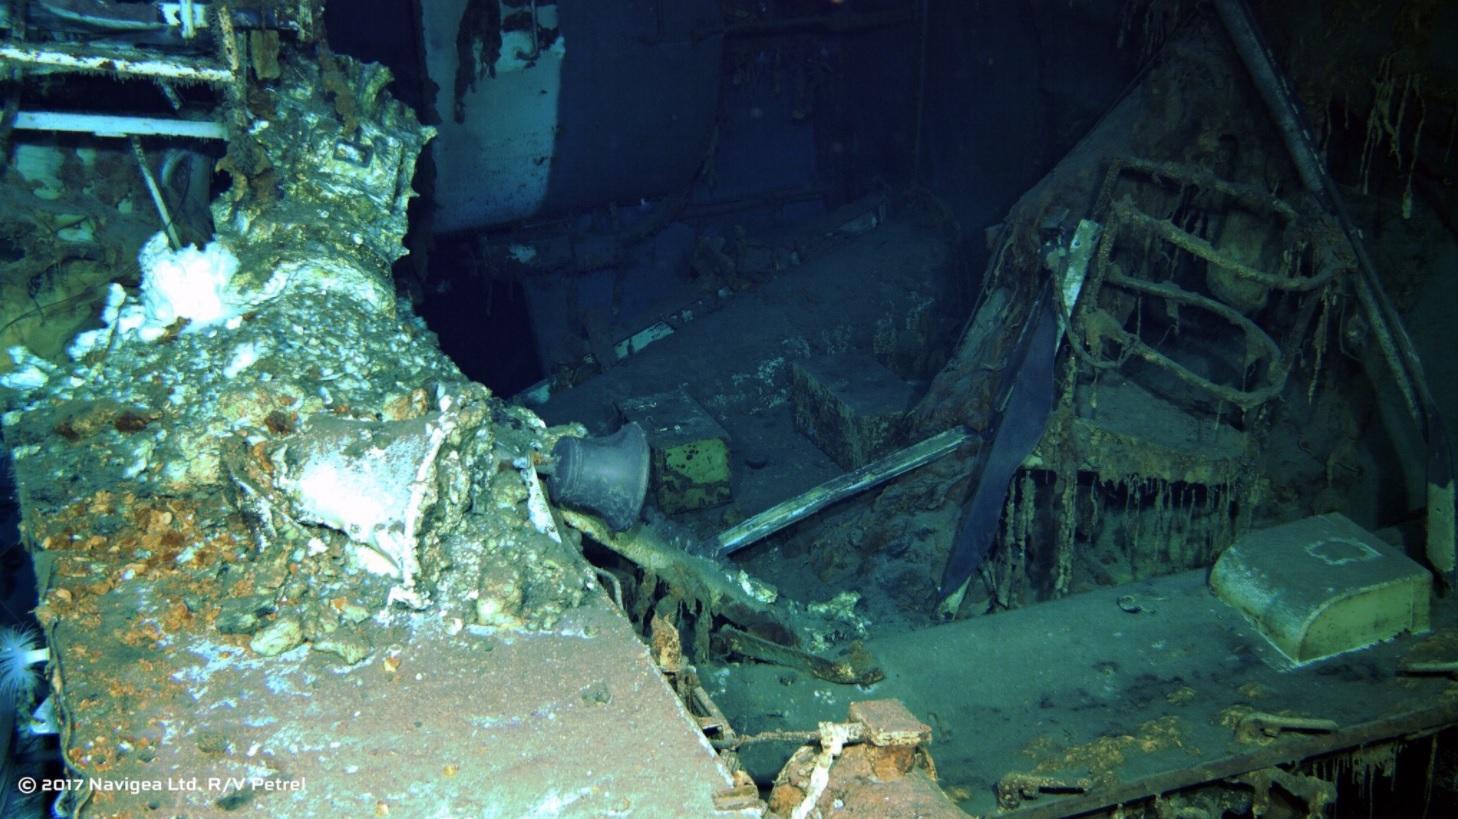 Dopo 72 anni, ritrovato il relitto della Uss Indianapolis: la nave che trasportò pezzi della prima bomba atomica